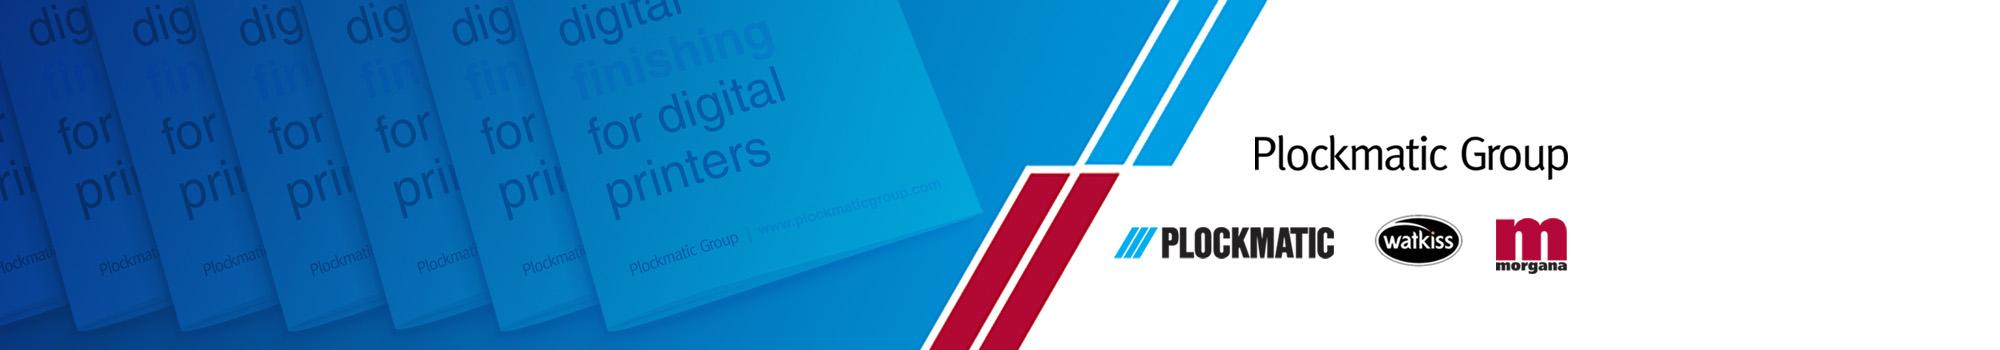 Plockmatic-banner-2000-x-350-v2